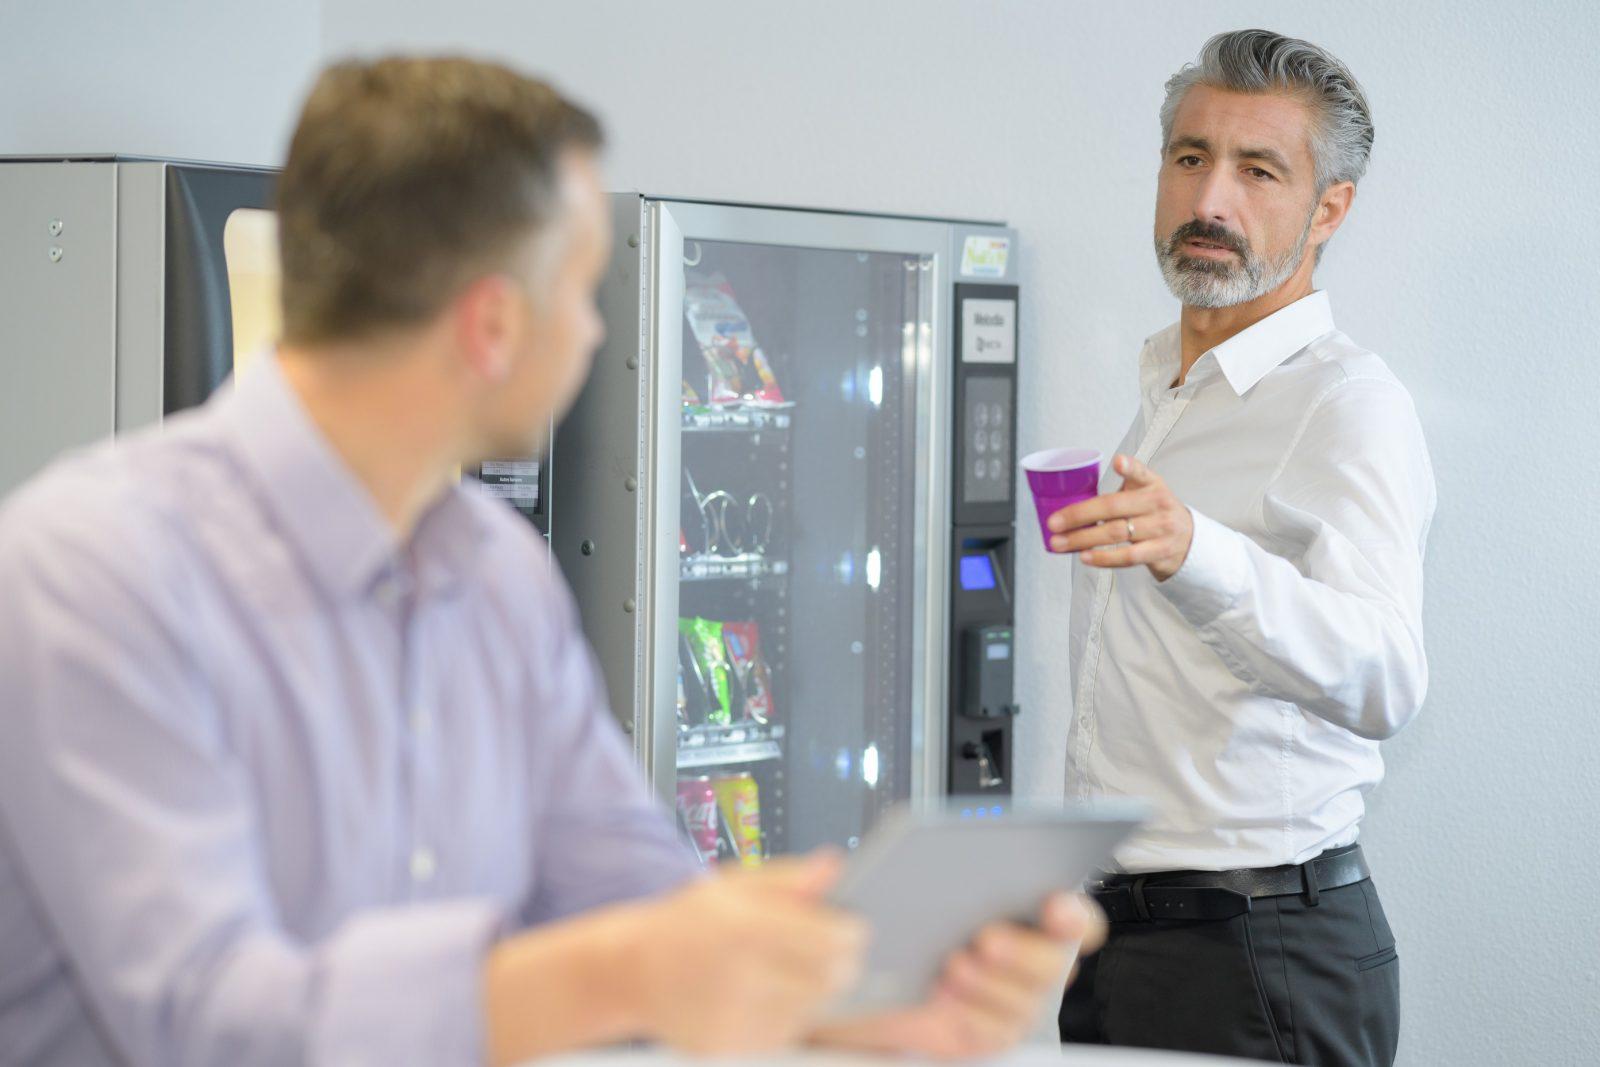 Break Room Vending Machines in Los Angeles